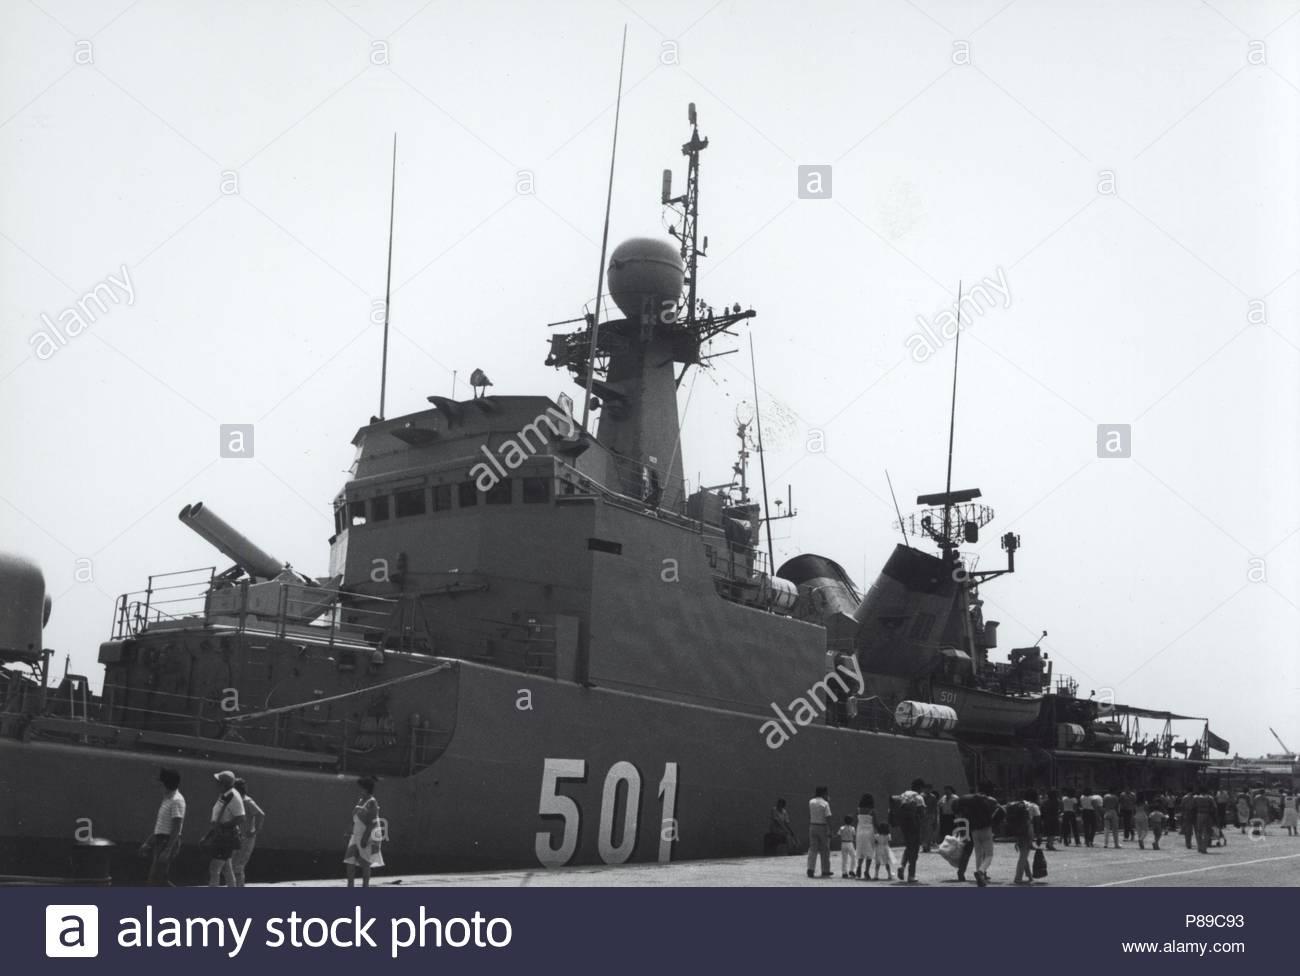 Royal Moroccan Navy Descubierta Frigate / Patrouilleur Océanique Lt Cl Errahmani - Bâtiment École - Page 3 44833309135_9058782476_o